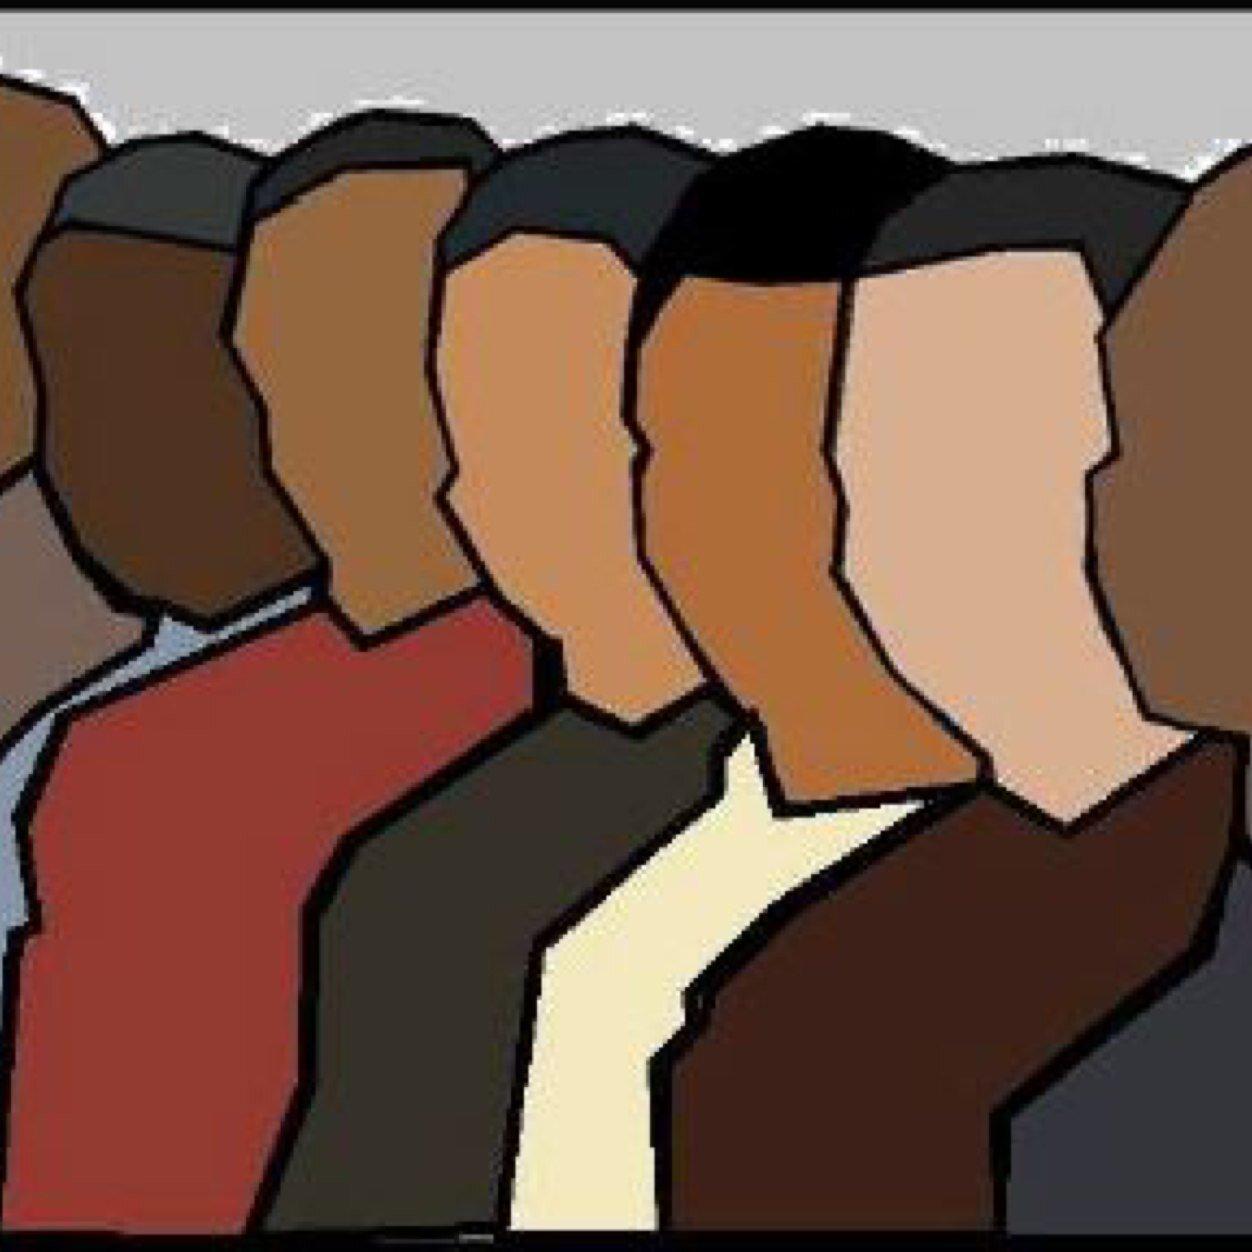 Men of color com